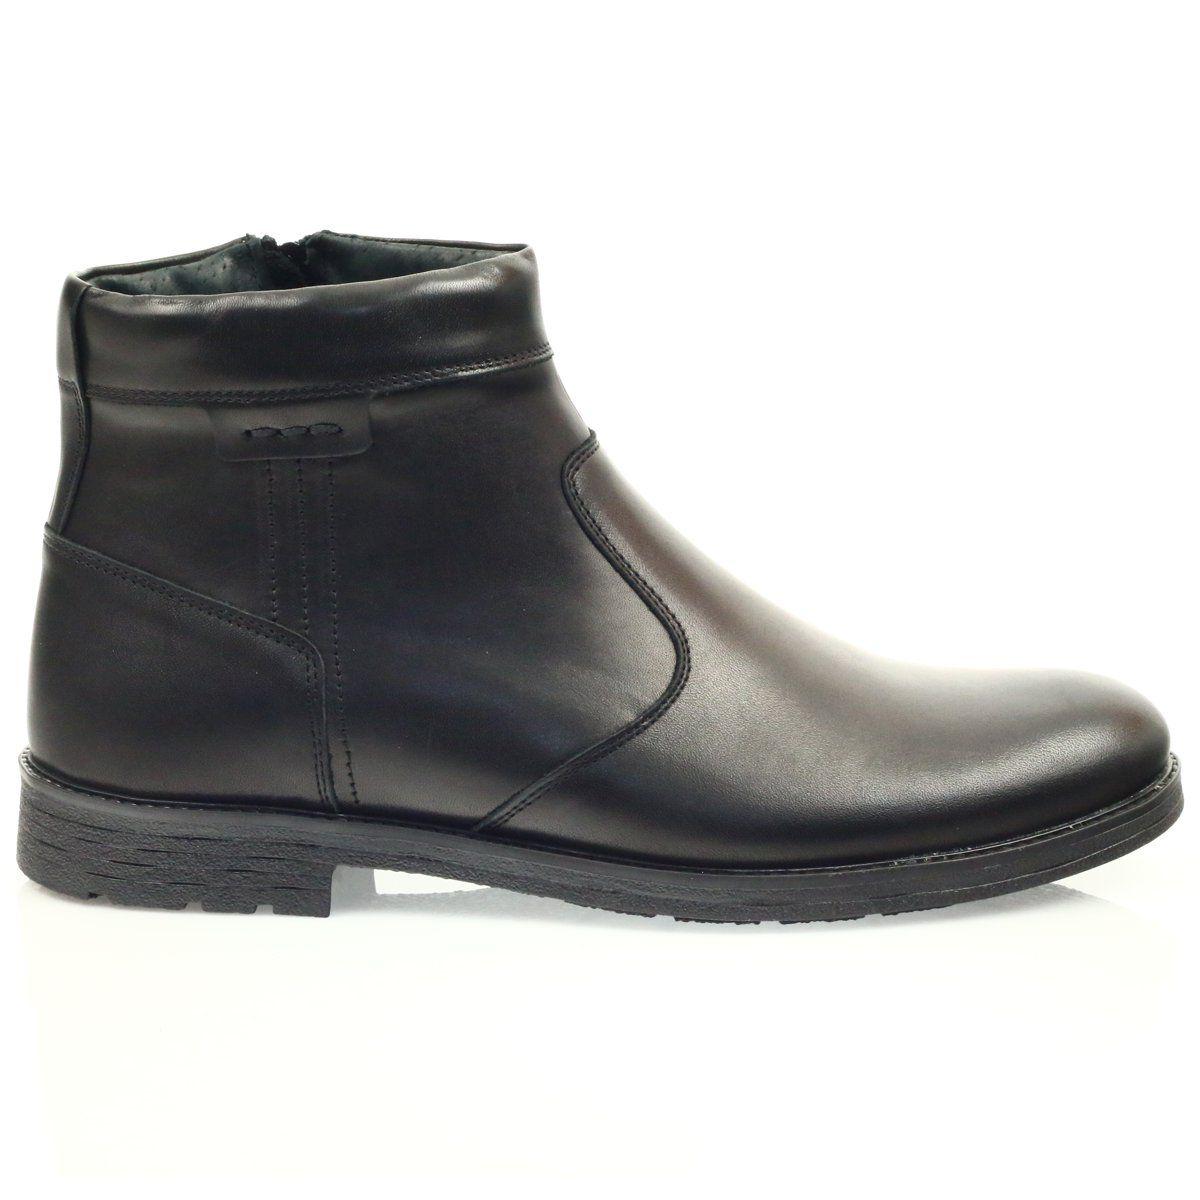 Sztyblety Meskie Riko Botki Meskie Na Suwak Riko 825 Czarne Chelsea Boots Boots Shoes